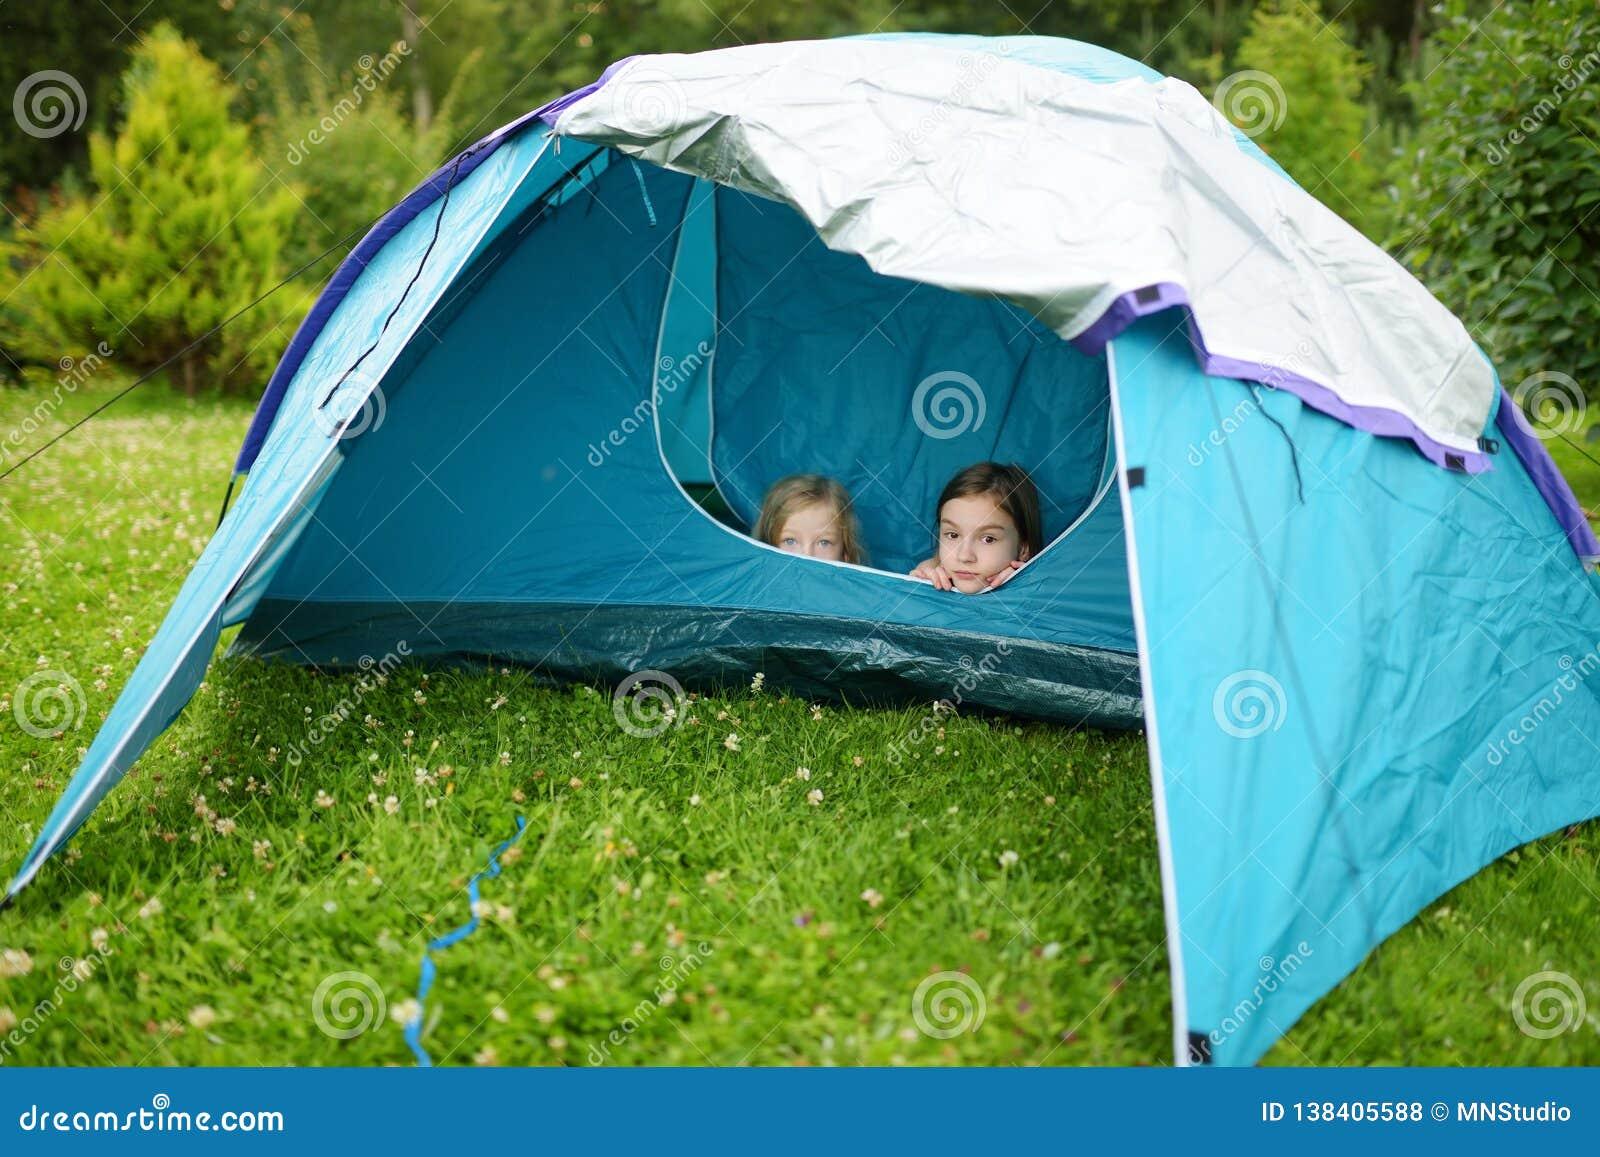 Twee leuke jonge zusters die in een tent op een kampeerterrein spelen Actieve levensstijl, familie recreatief weekend, de zomer o